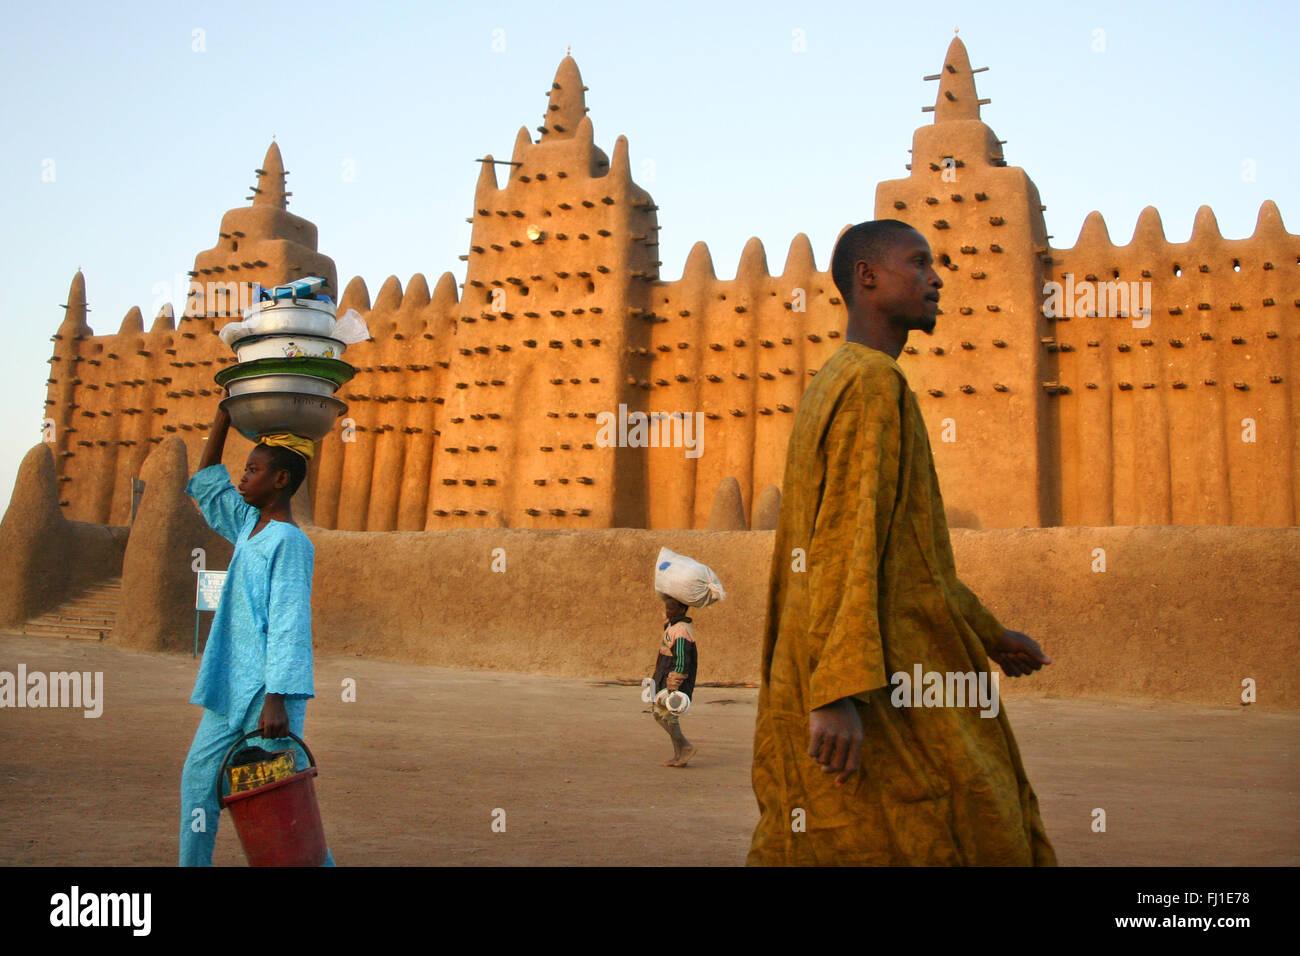 Atemberaubende Bild von erstaunlichen modsque von Djenné, Mali - typisch islamisches Monument in Westafrika Stockbild